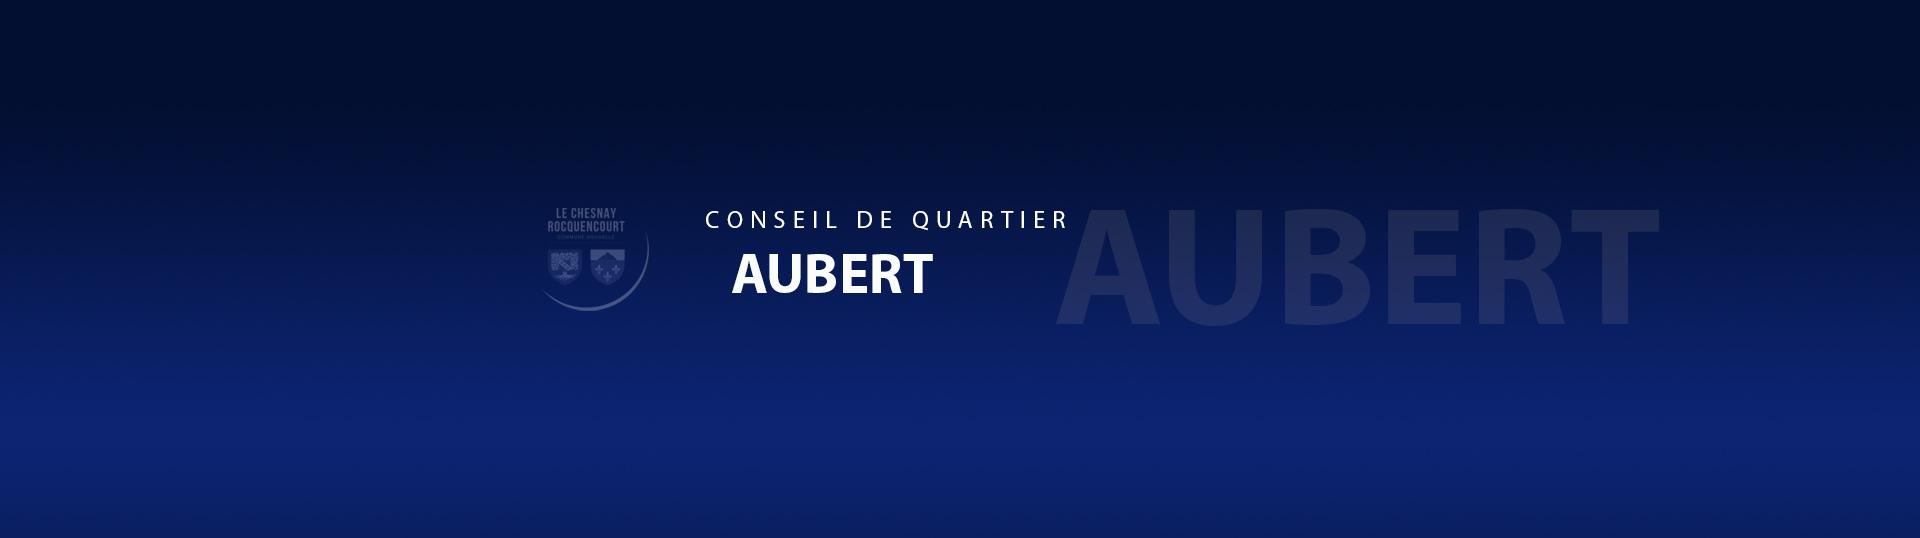 CDQ Aubert